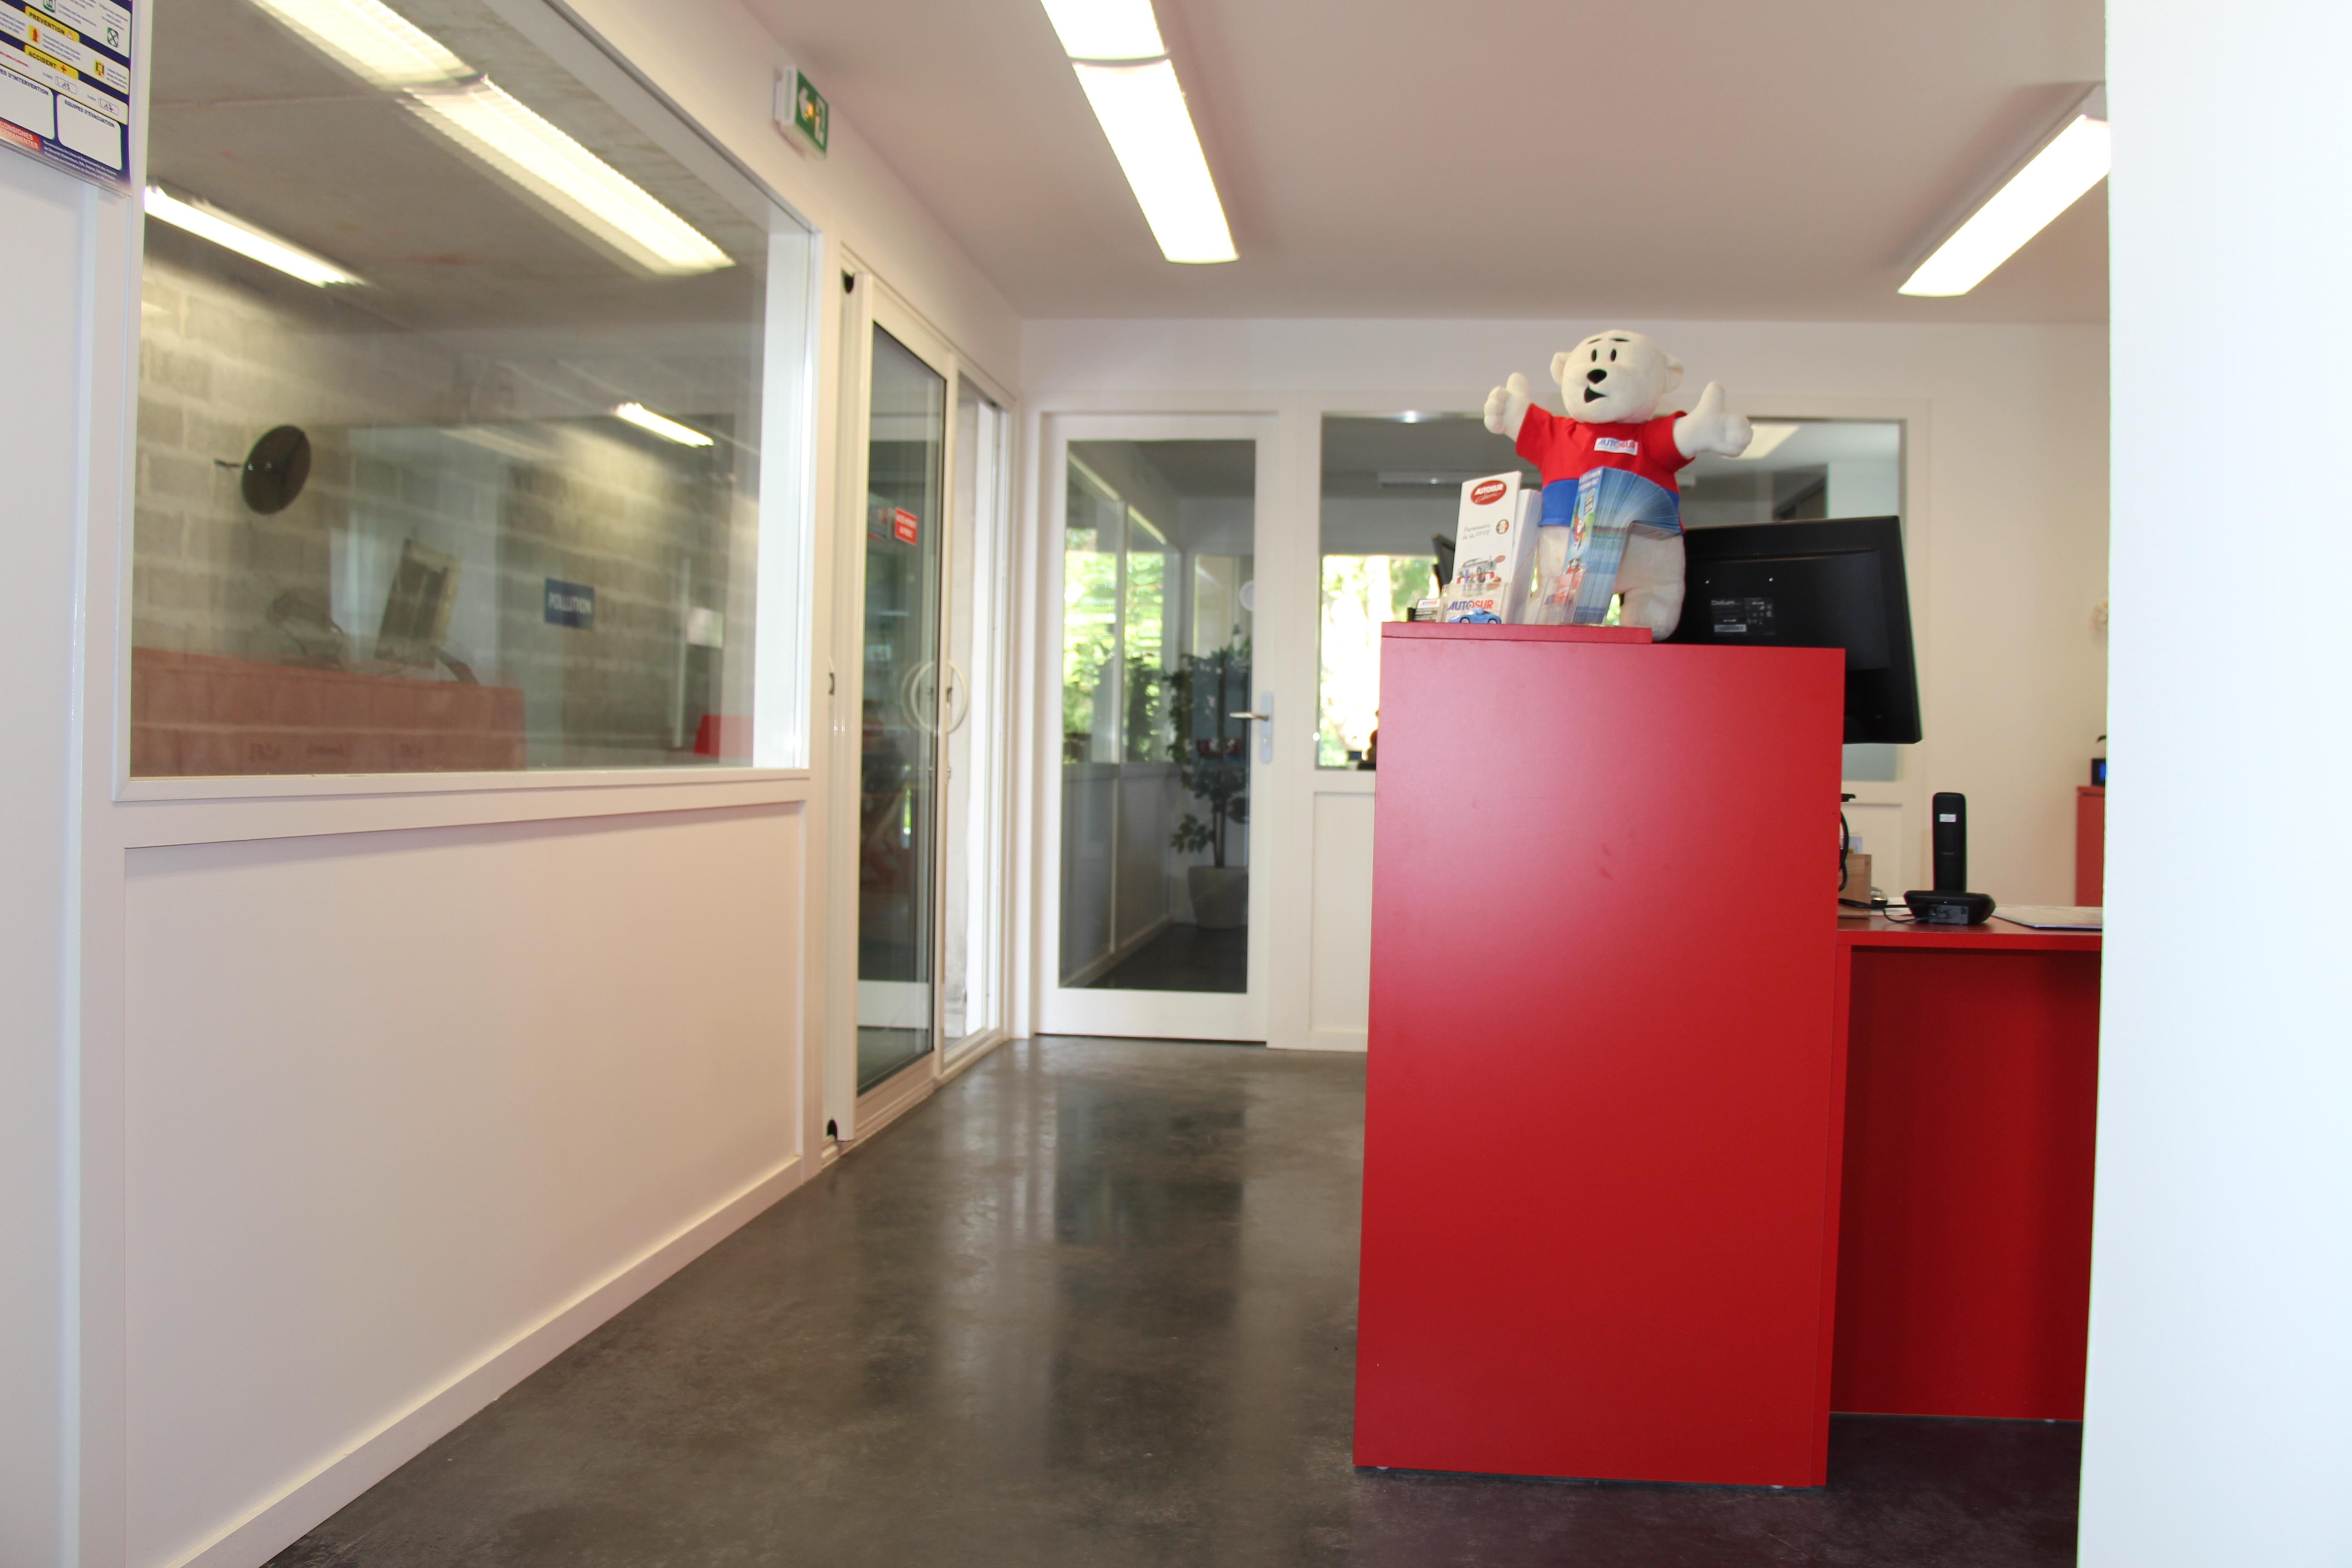 Centre de contrôle technique automobile Boucau Architecte Pays Basque Gwenael Stephan